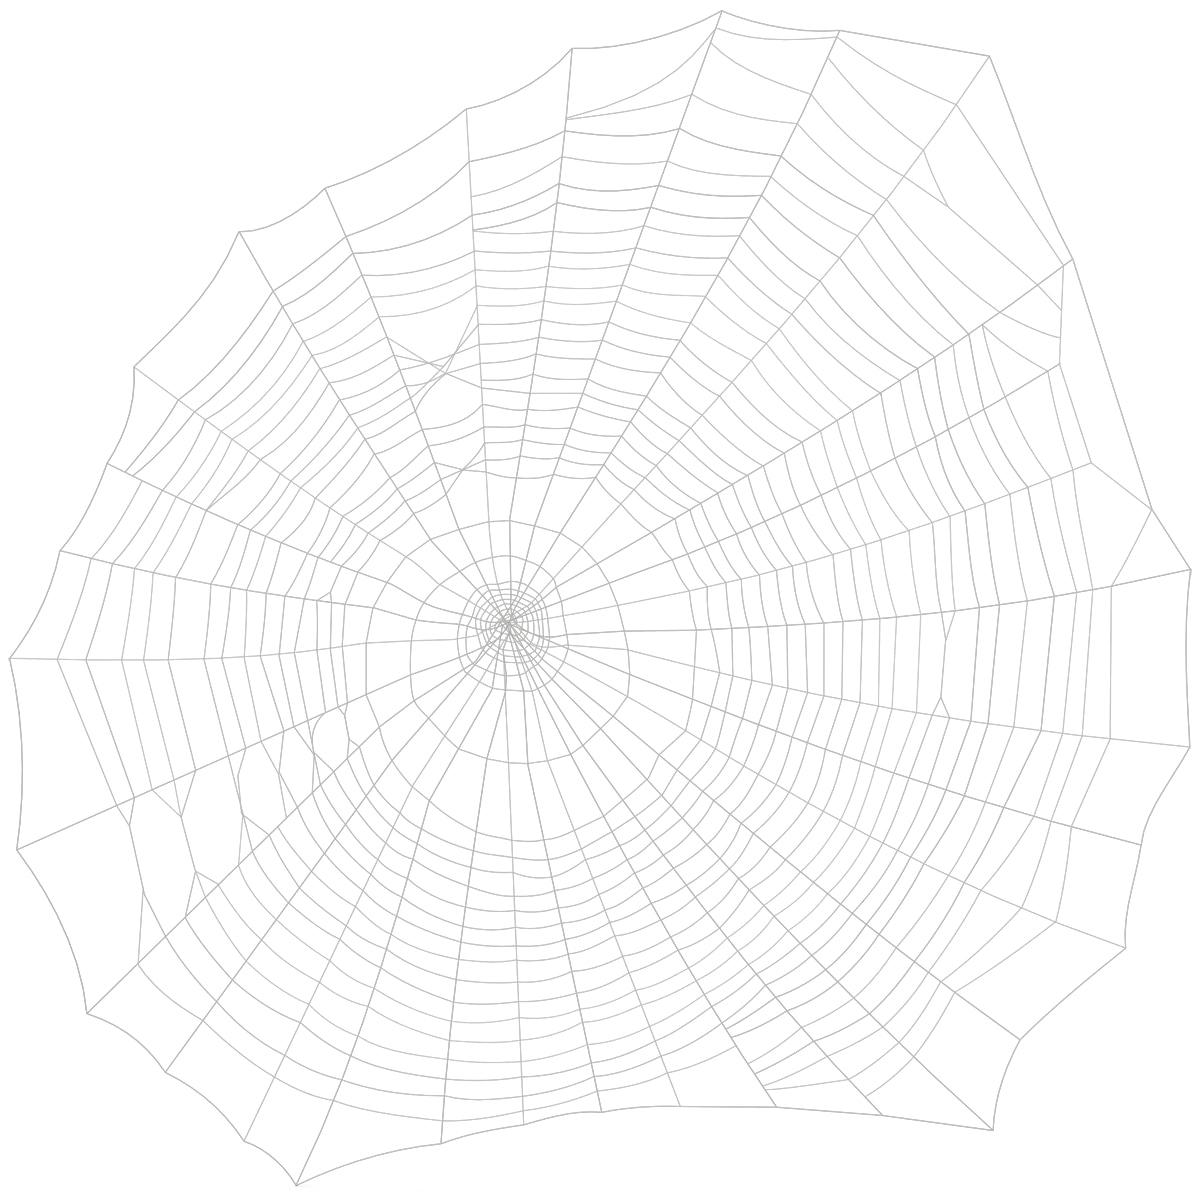 Spider_Web_002.jpg